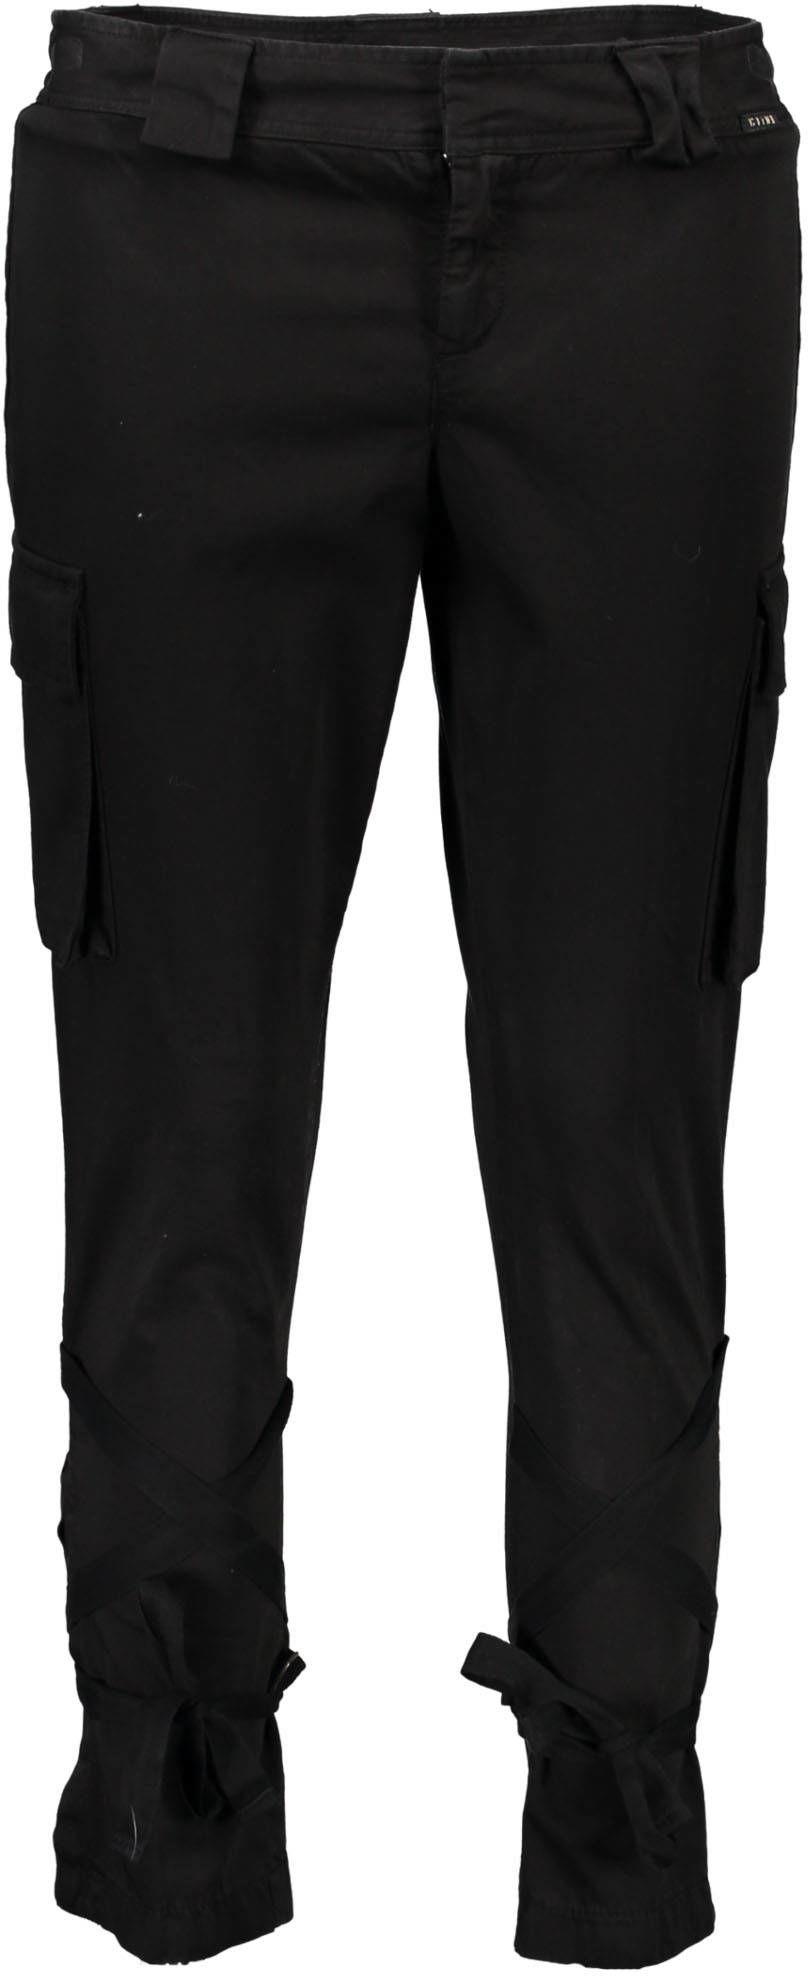 CLINK Spodnie Capri Damskie